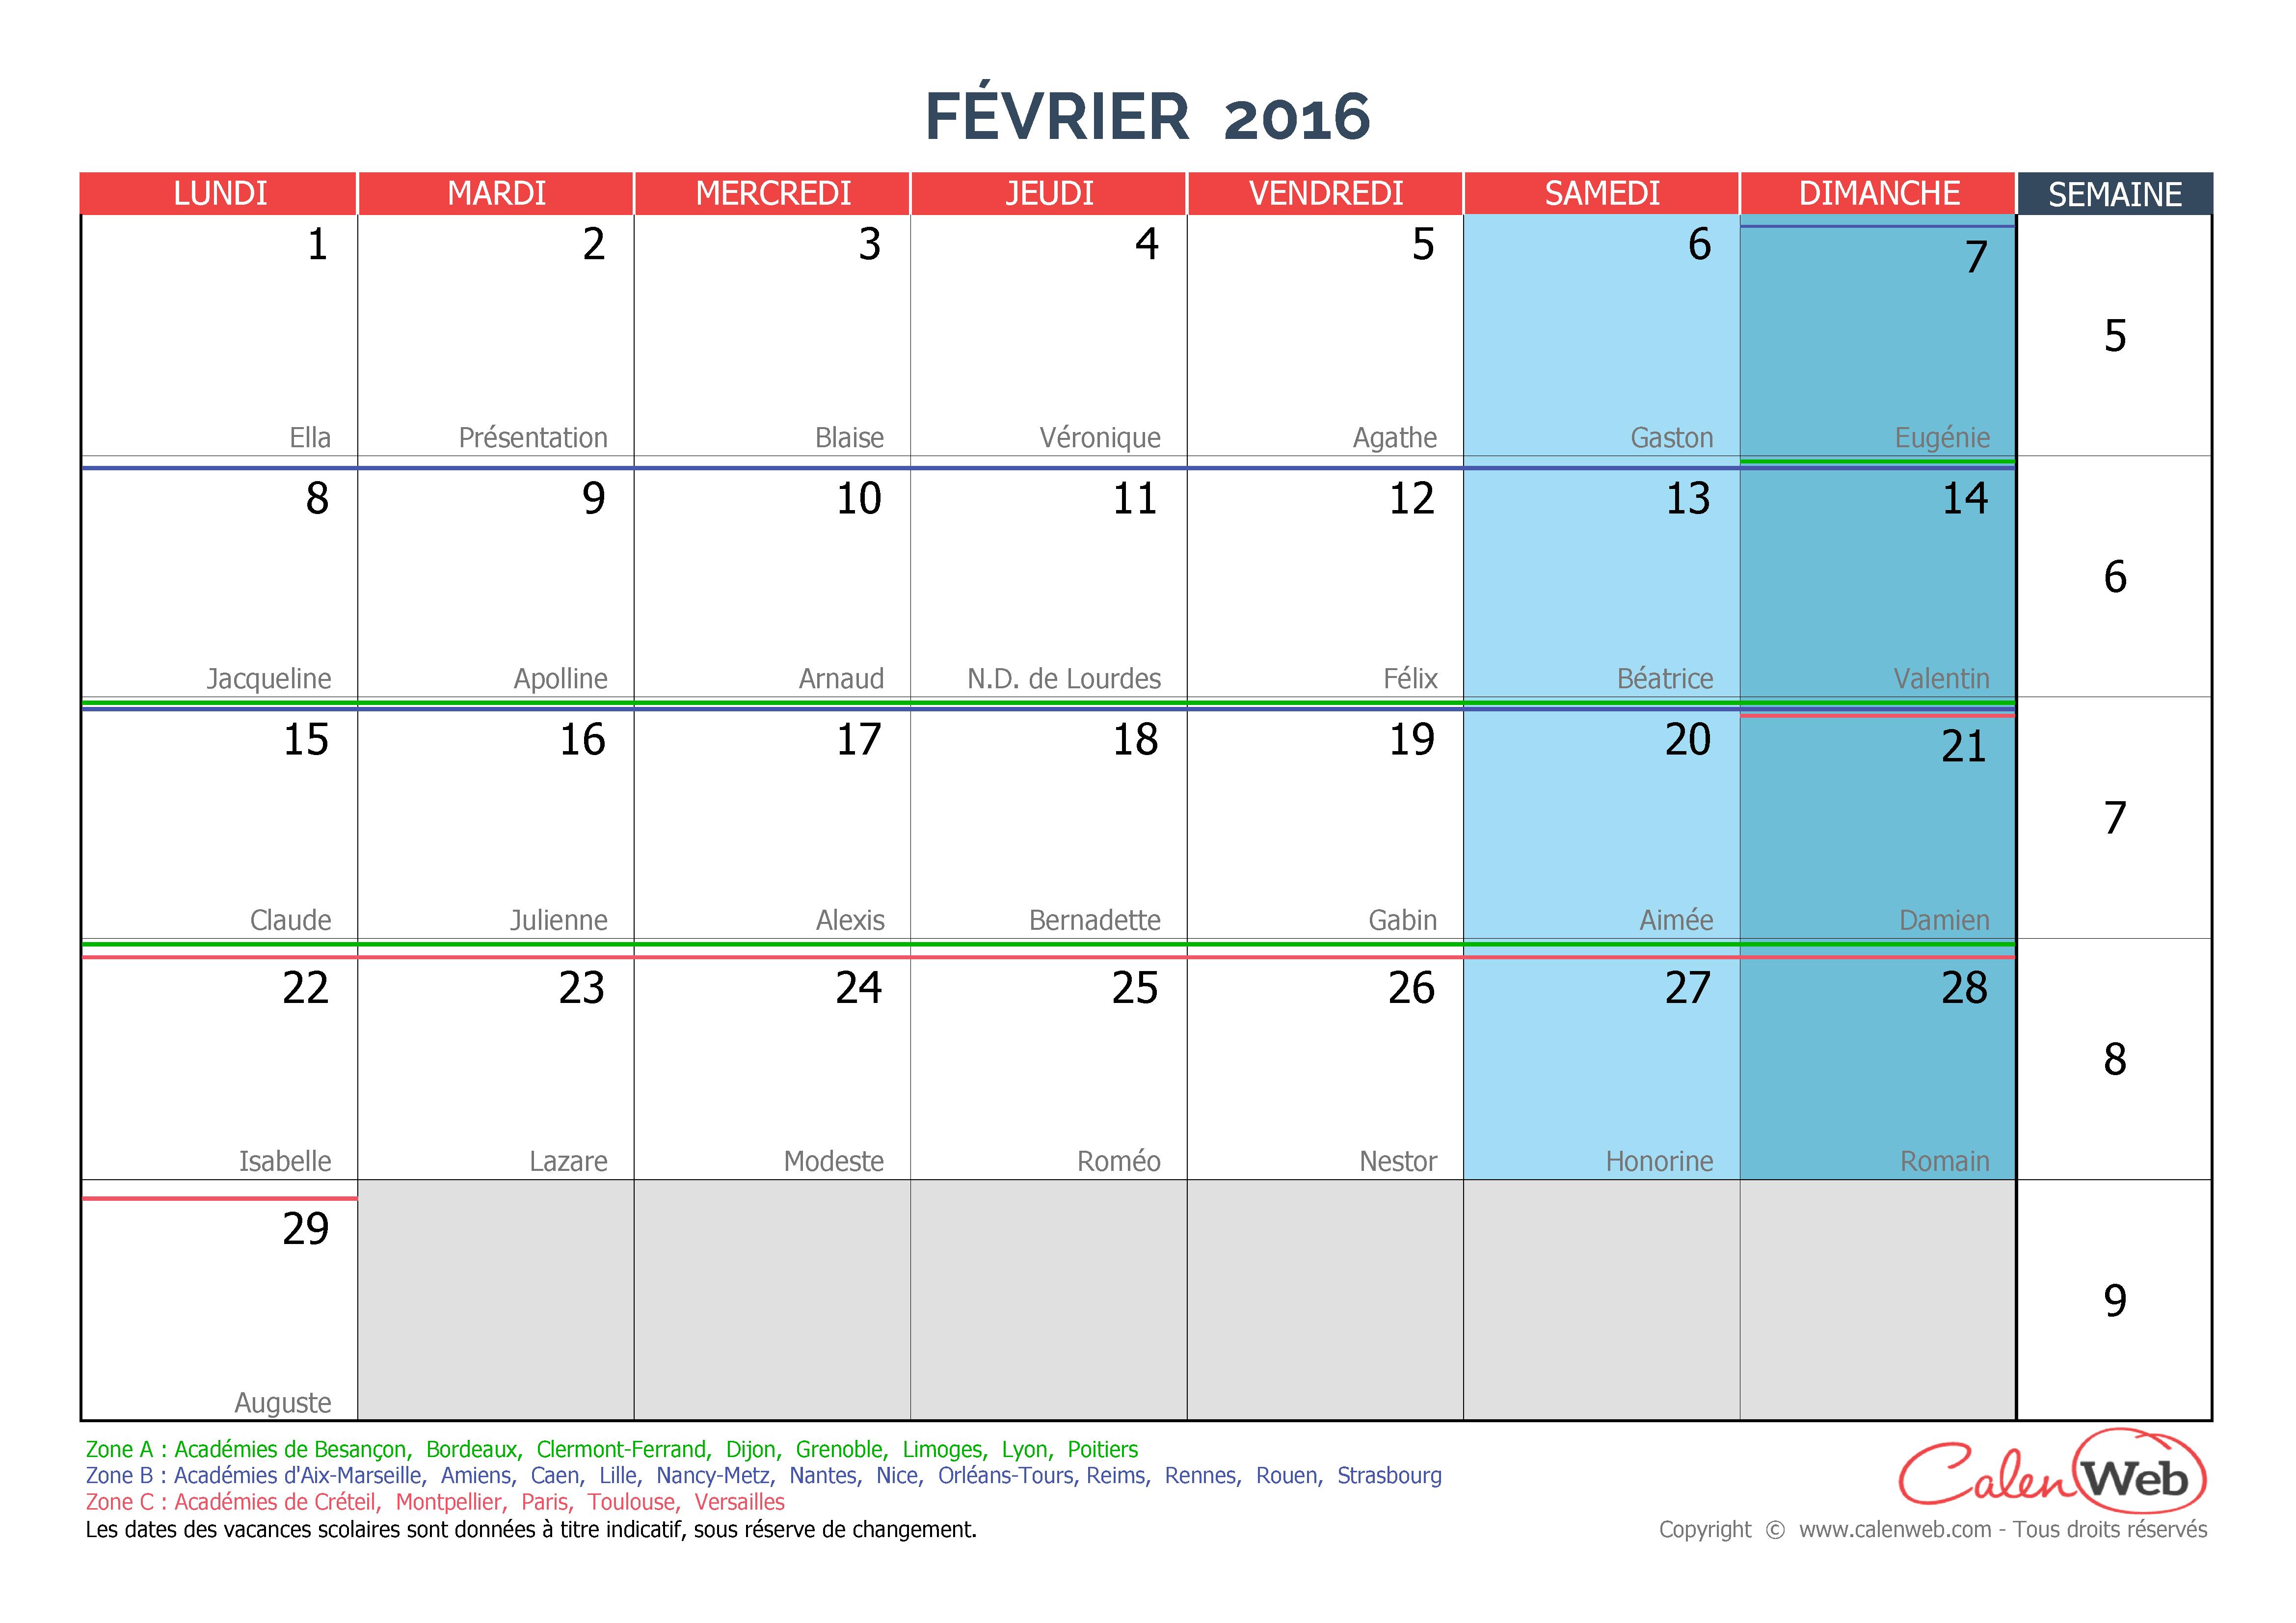 Calendrier mensuel mois de f vrier 2016 avec f tes jours f ri s et vacances scolaires - Vacances de noel 2016 dates ...